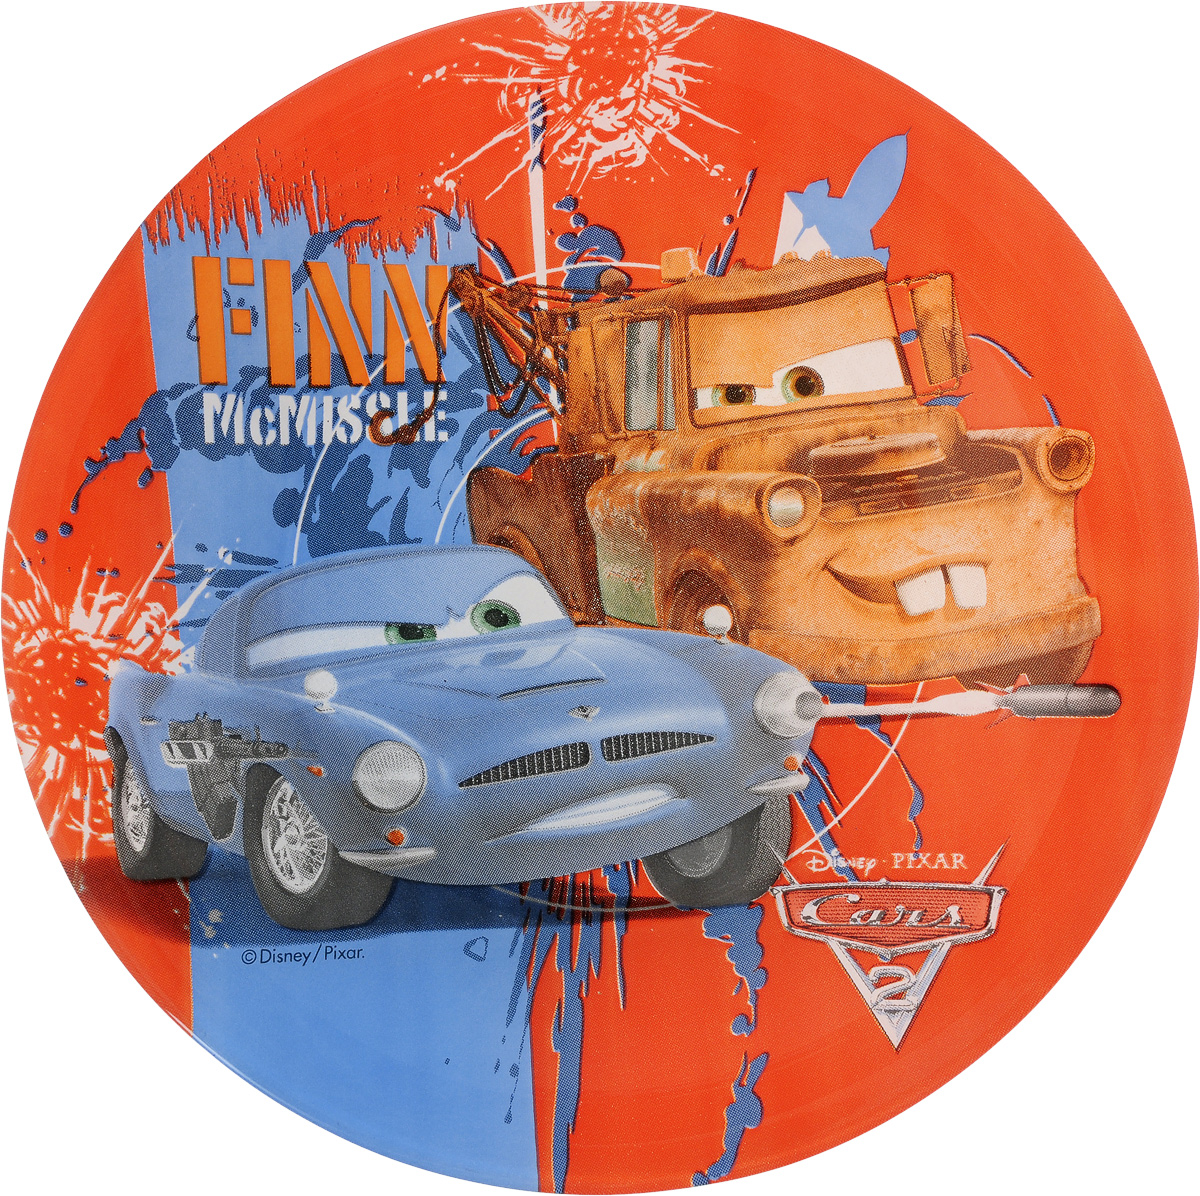 Тарелка десертная Luminarc Disney Cars 2, диаметр 19,5 см6000БДесертная тарелка Luminarc Disney Cars 2, изготовленная из ударопрочного стекла, имеет приятный внешний вид. Такая тарелка обязательно понравится вашему ребенку. Идеальна для подачи десертов, пирожных, тортов и многого другого. Она прекрасно оформит стол и станет отличным дополнением к вашей коллекции кухонной посуды. Диаметр тарелки (по верхнему краю): 19,5 см. Высота тарелки: 1,5 см.